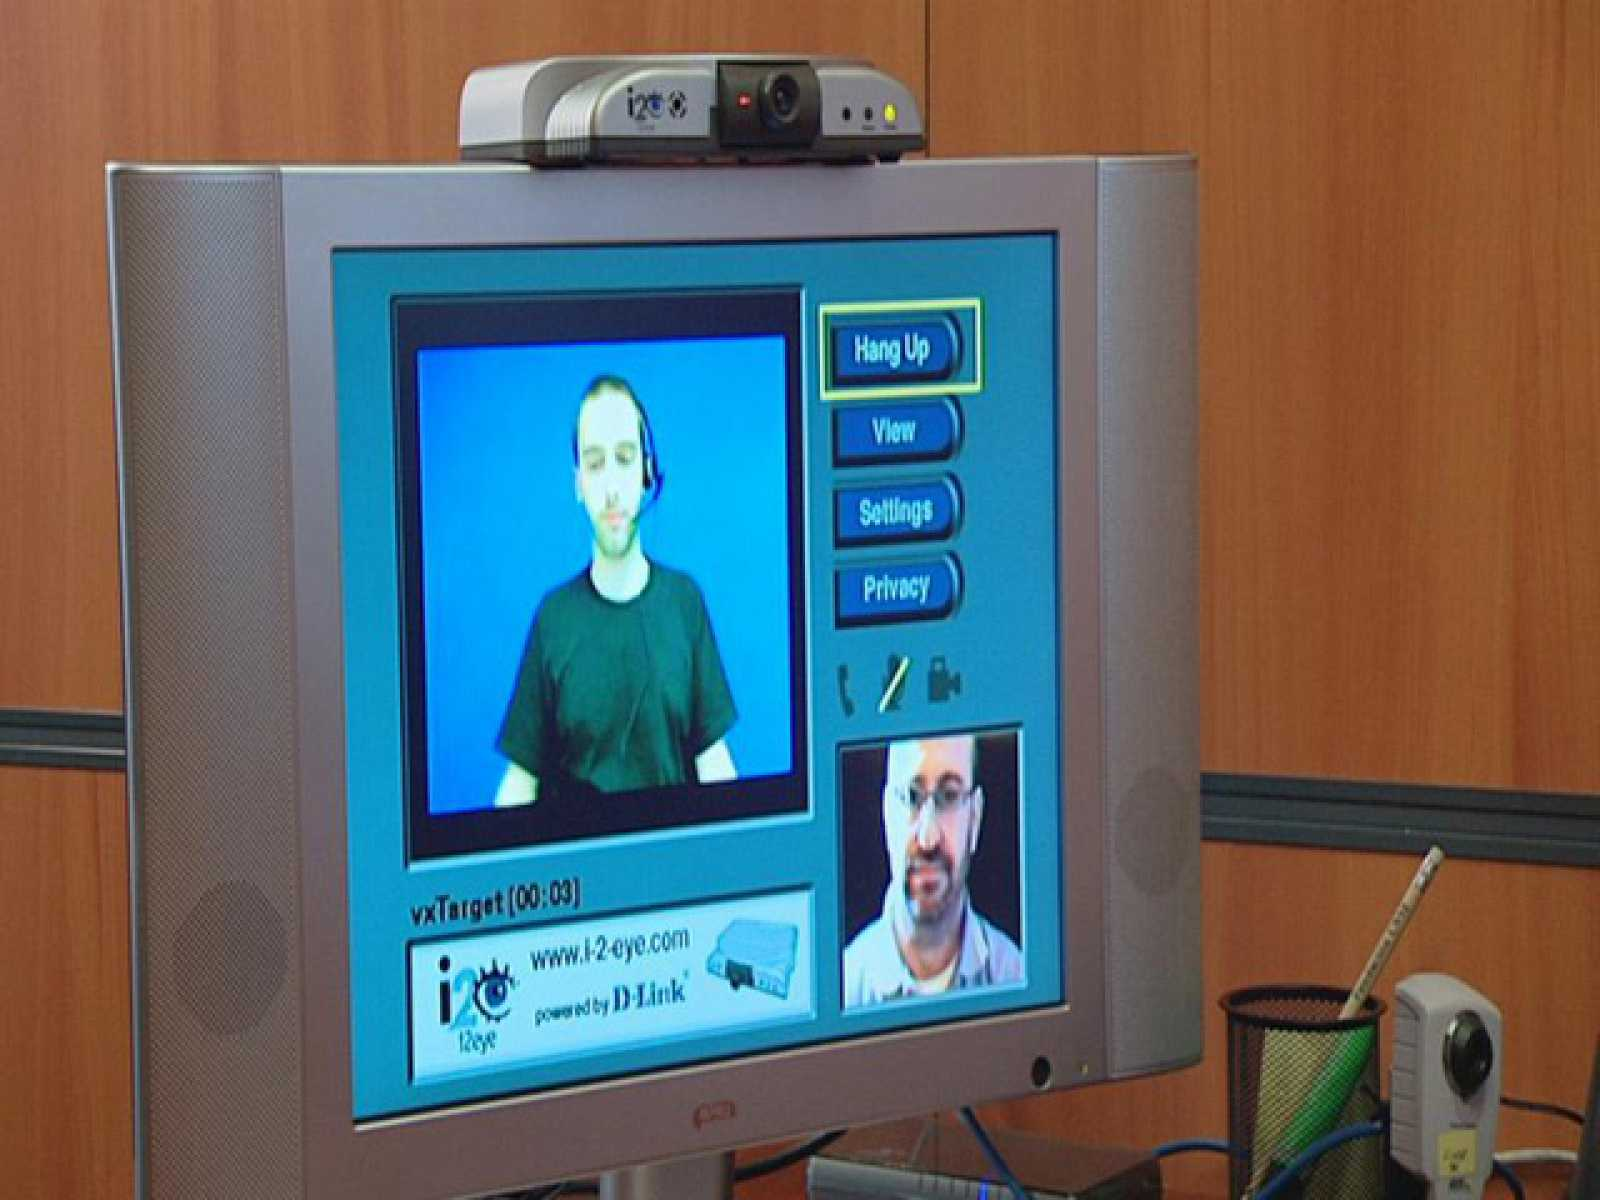 El mundo se mueve contigo / Tecnosoluciones: Videointerpretación en lengua de signos